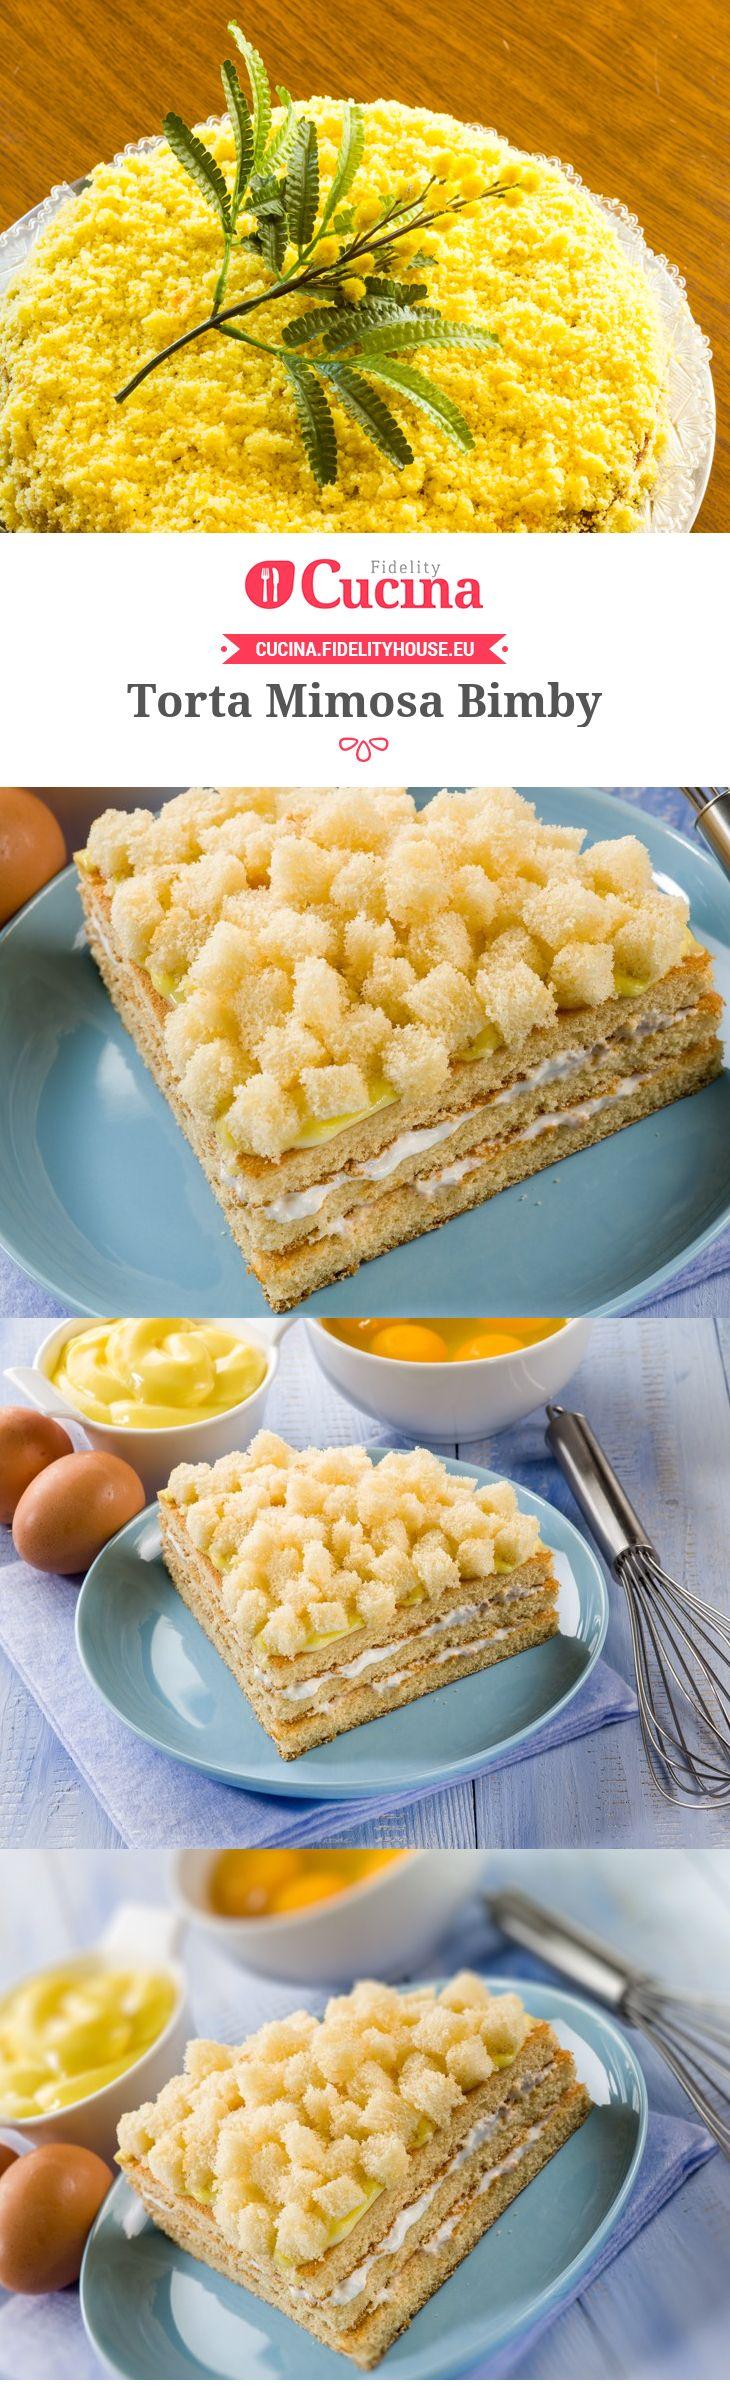 La #torta #Mimosa #Bimby è una versione della ricetta originale adattata all'uso del Bimby.